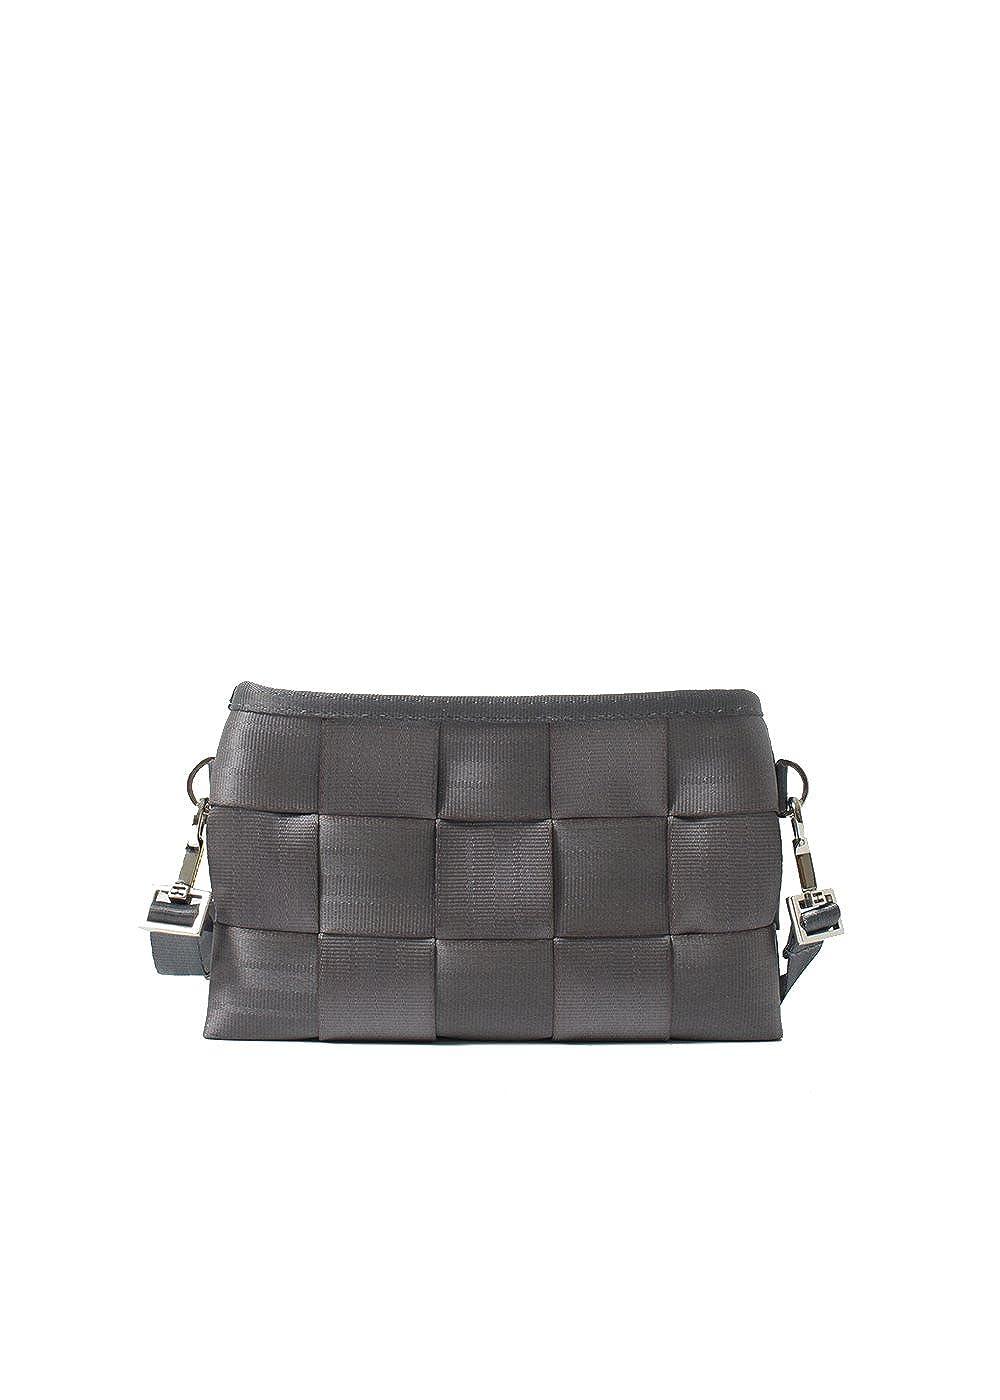 147e9cec5bf Amazon.com  Harveys Seatbelt Bag Women s Hip Pack Black1 One Size  Shoes